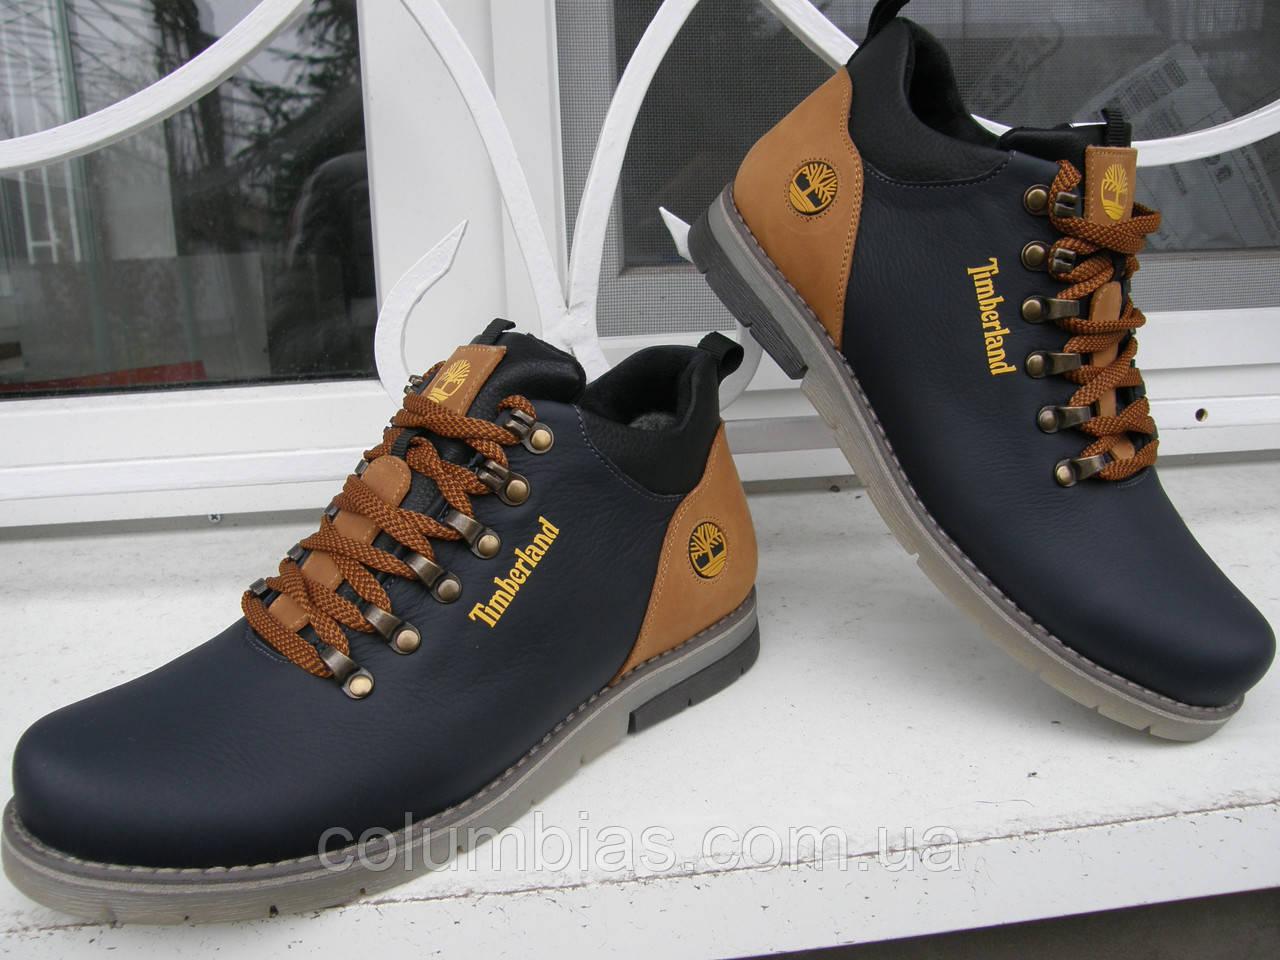 32474347 Зимняя кожаная мужская обувь Timberland - Весь ассортимент в наличии,  звоните в любое время т